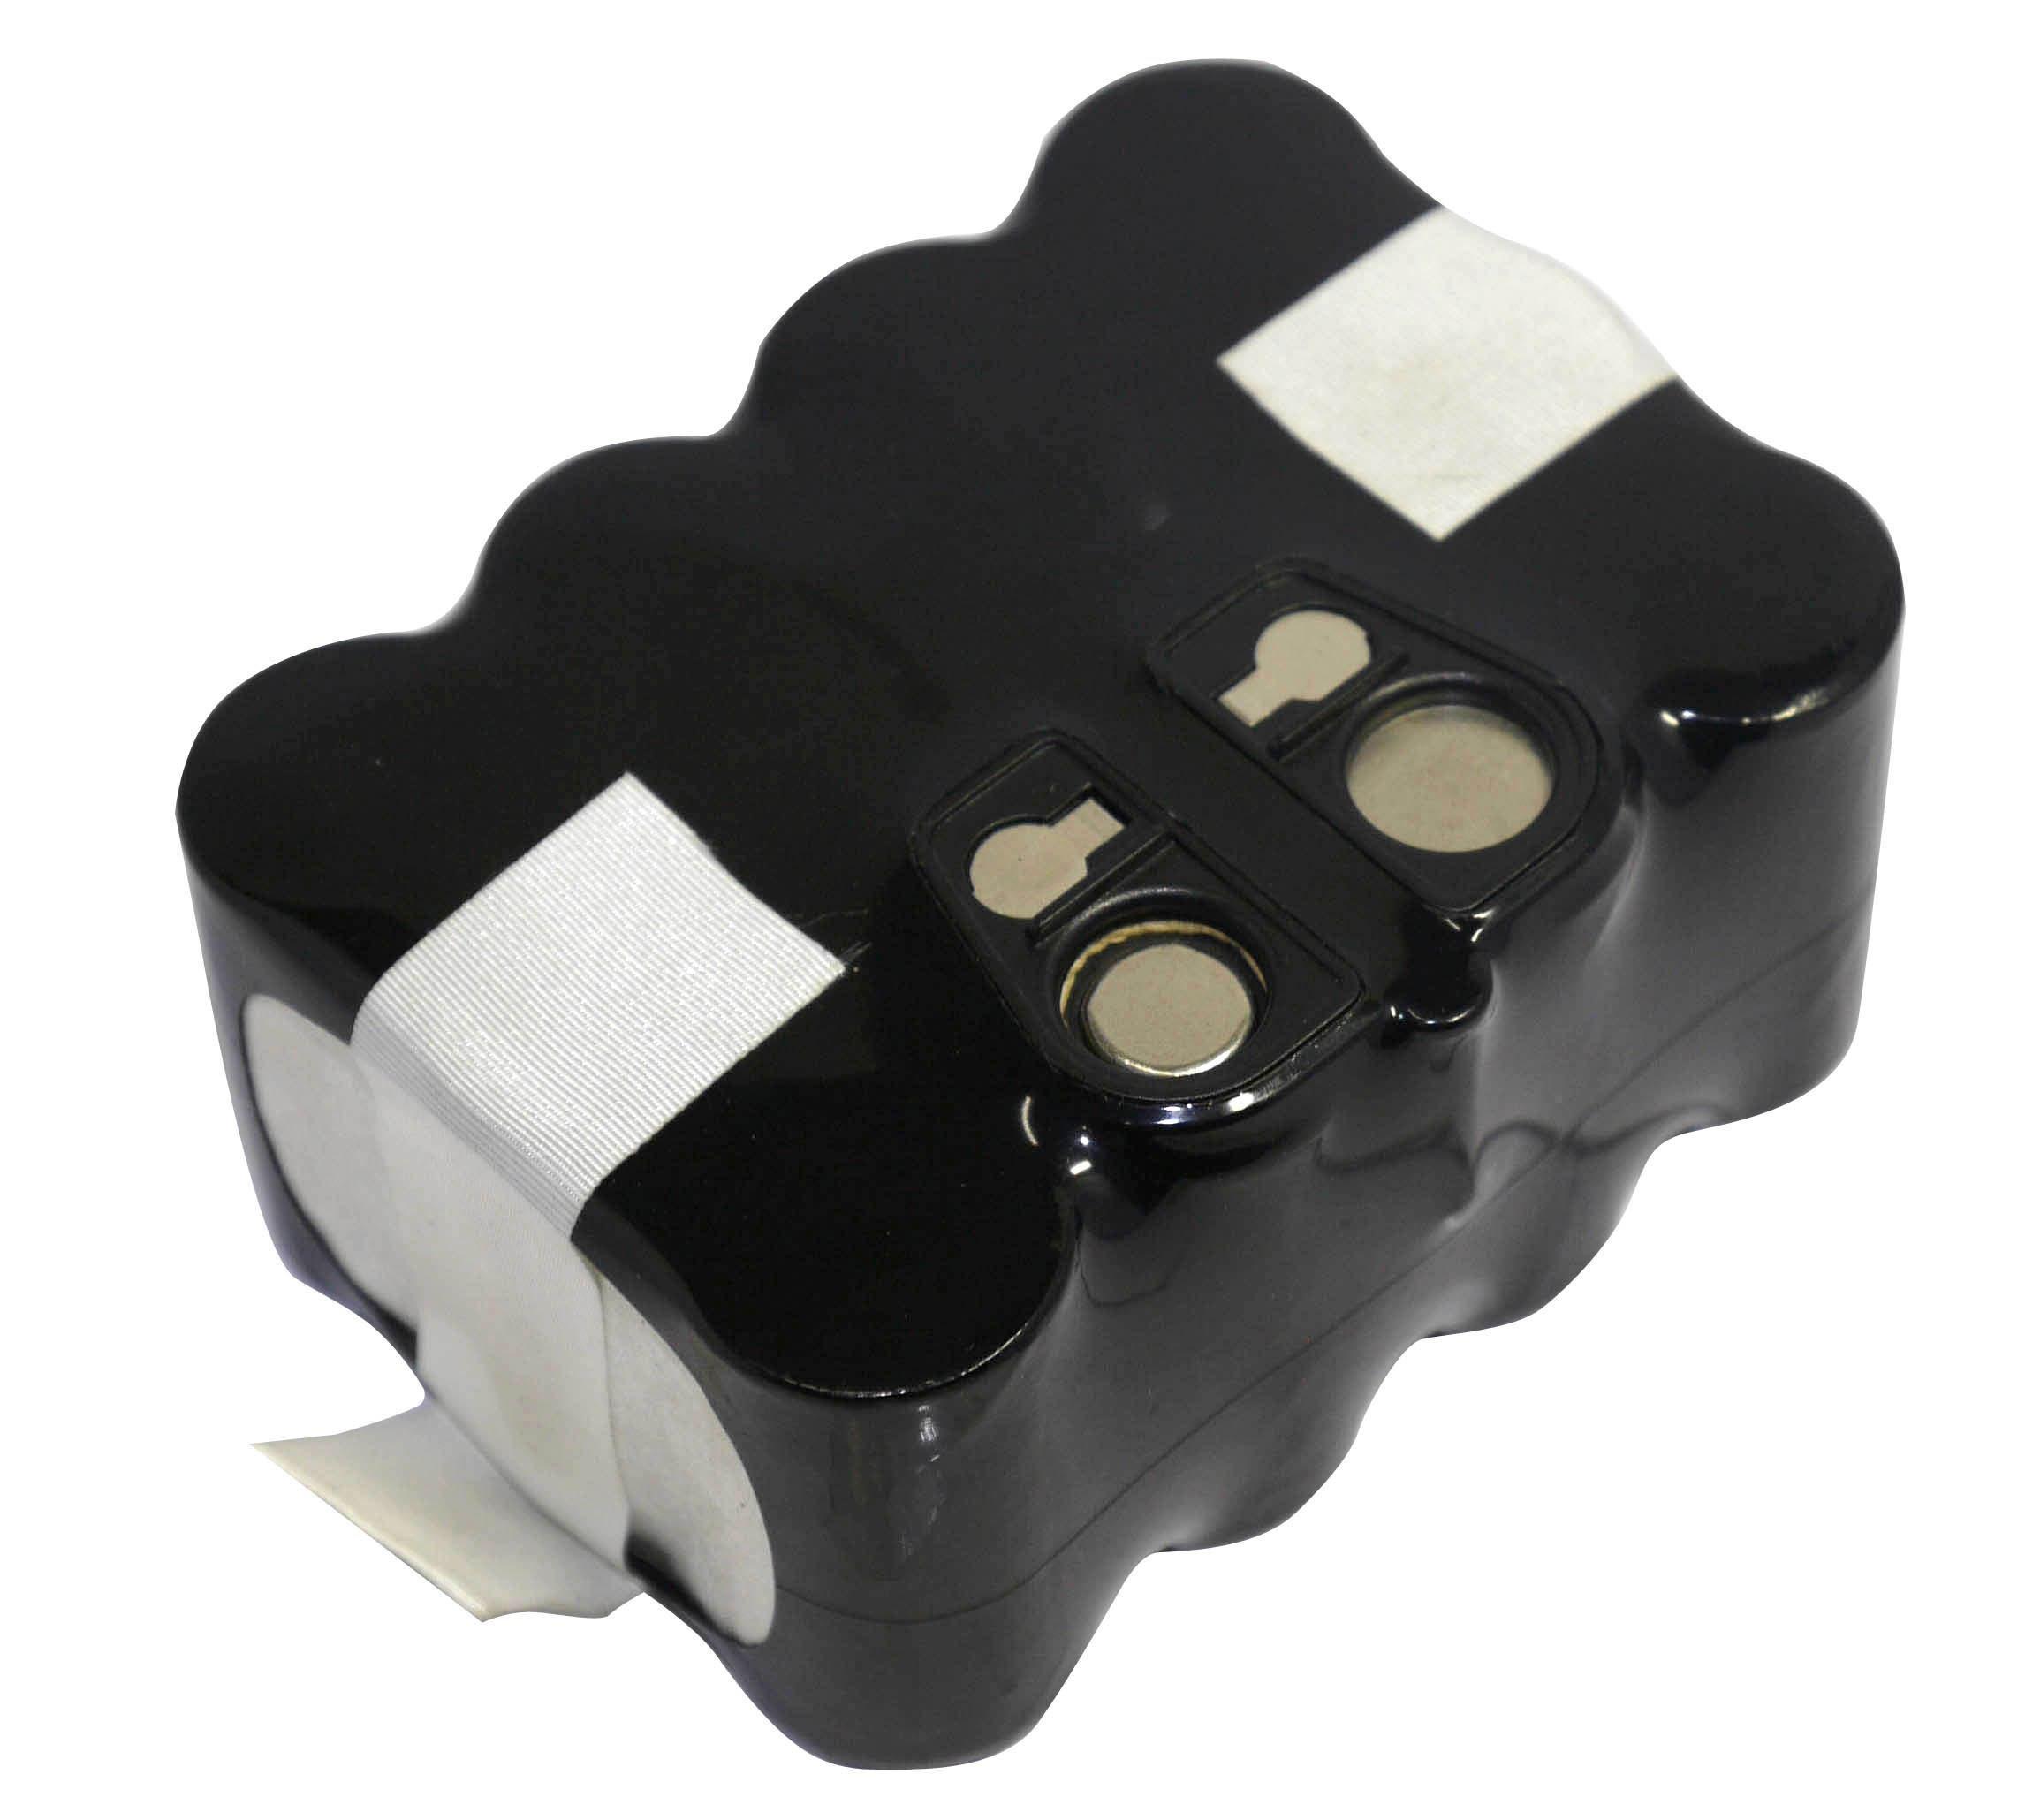 Power Smart® 14.4 V 3300 mAh NiMH batería para robot rbc009, rbc011, rbc012, Robots jnb